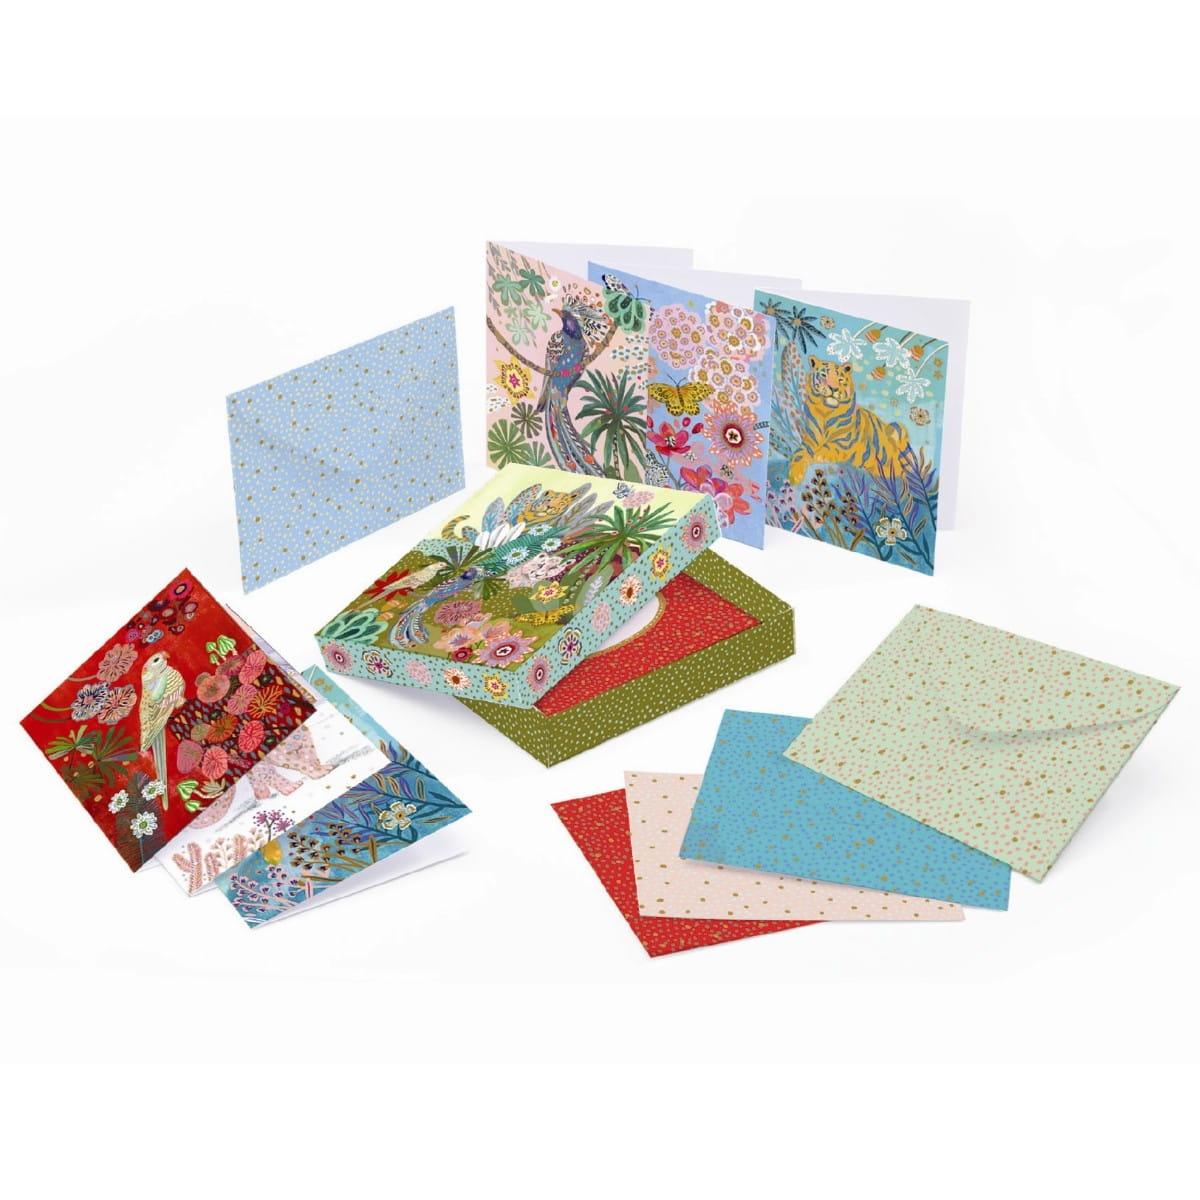 Набор открыток красота в простом, дети картинки красивые